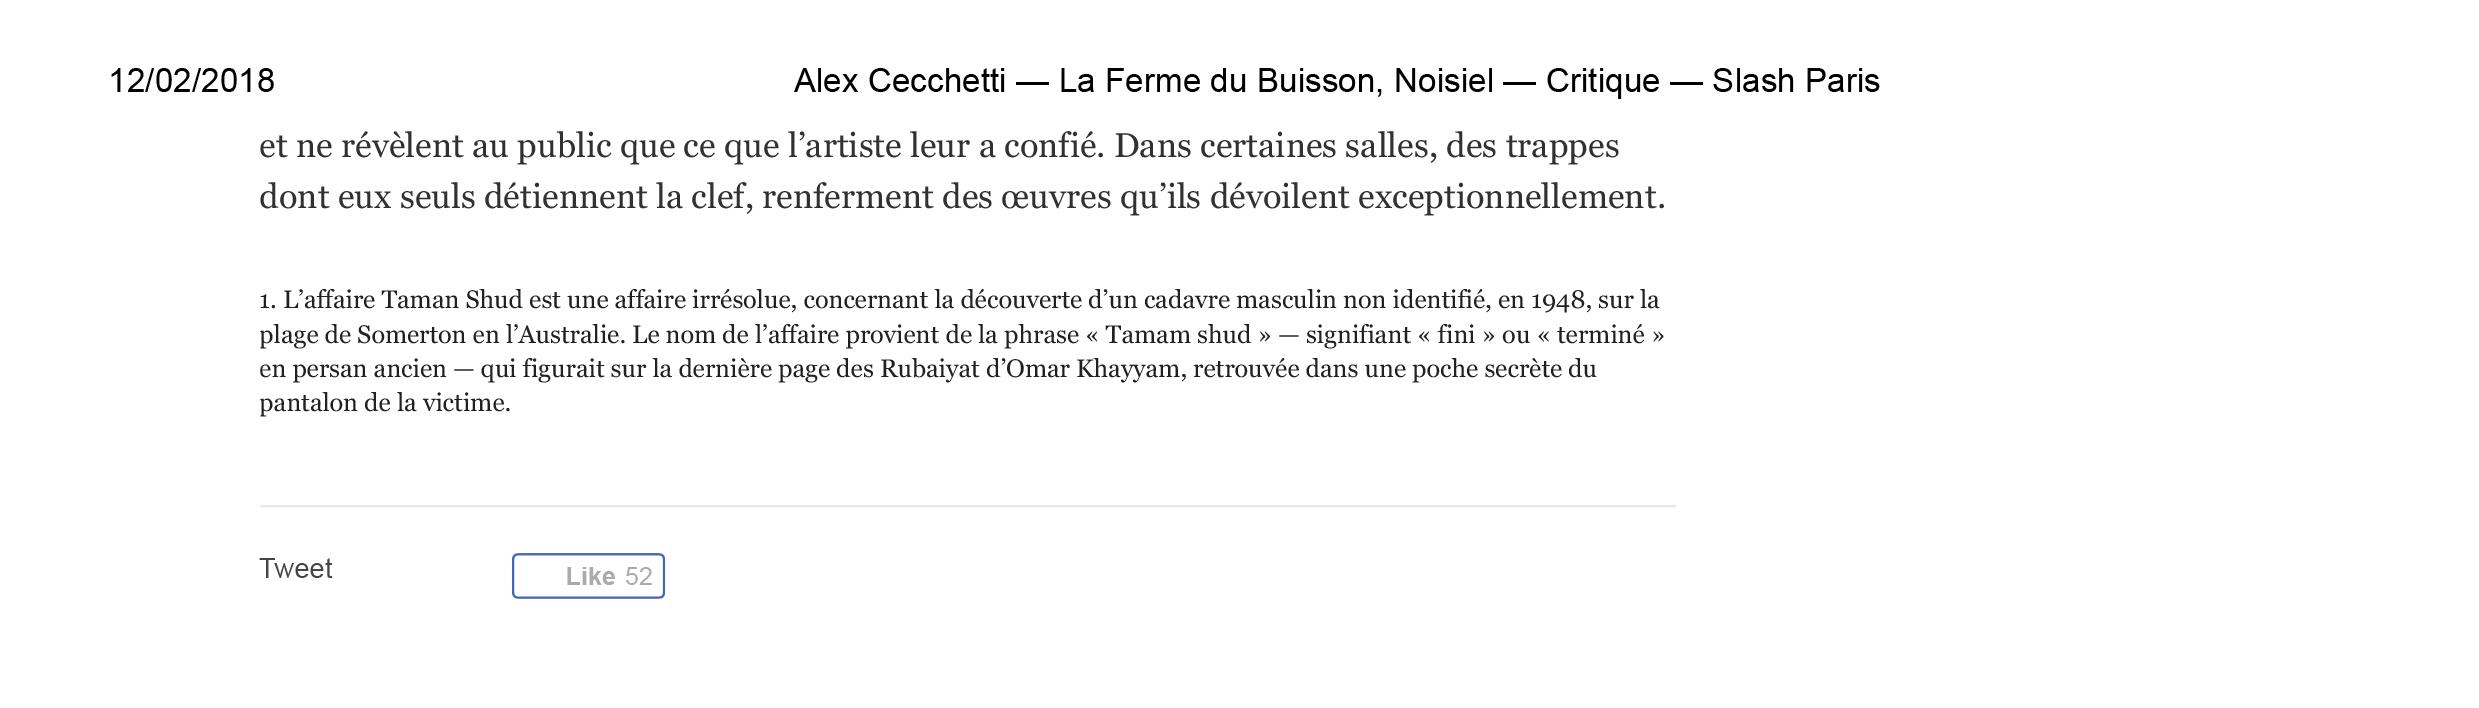 Alex Cecchetti—La Ferme du Buisson, Noisiel — Critique — Slash Paris-3.jpg